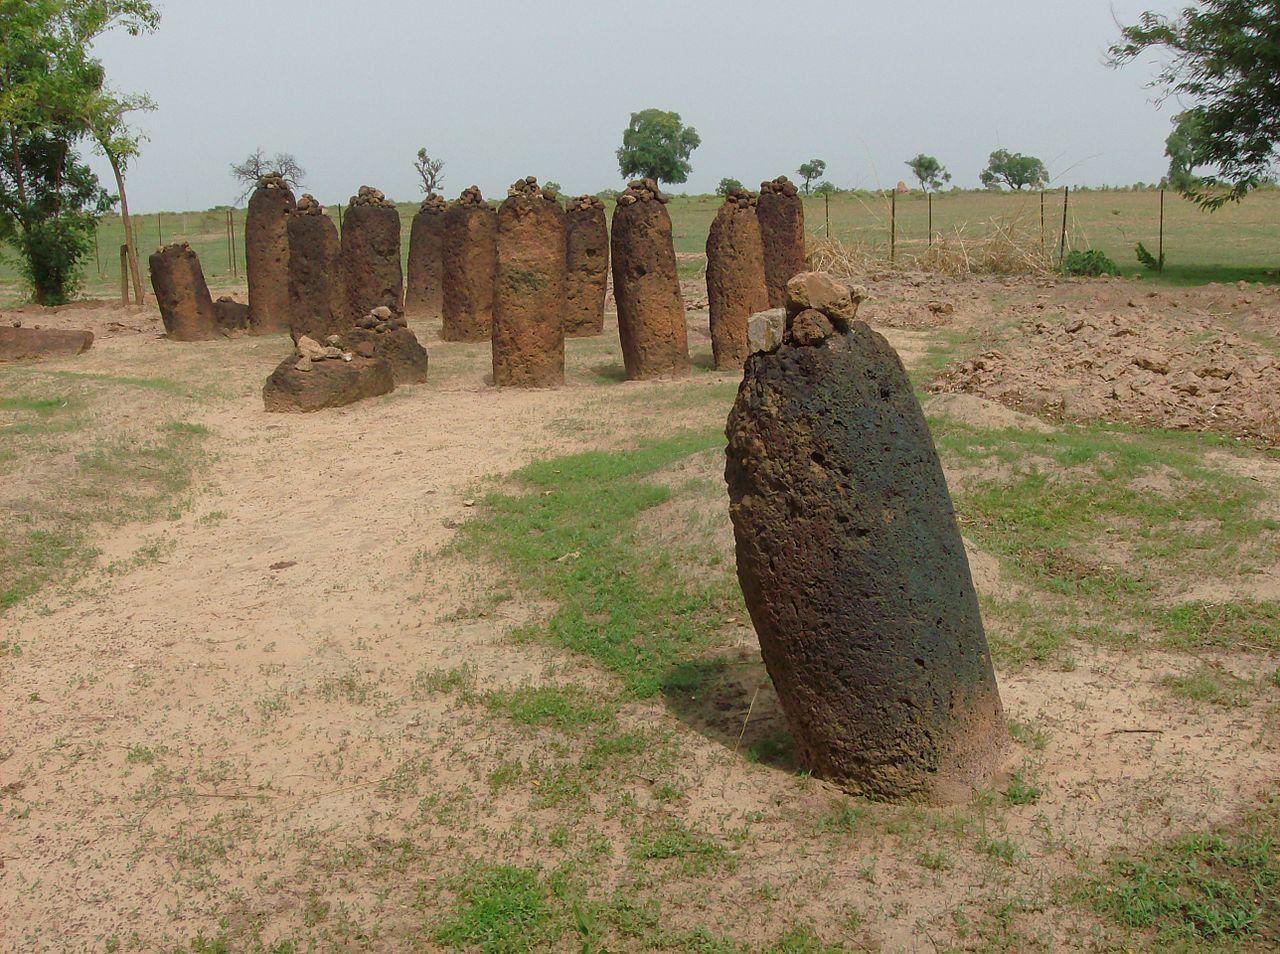 Cercurile de piatra din Senegambia111